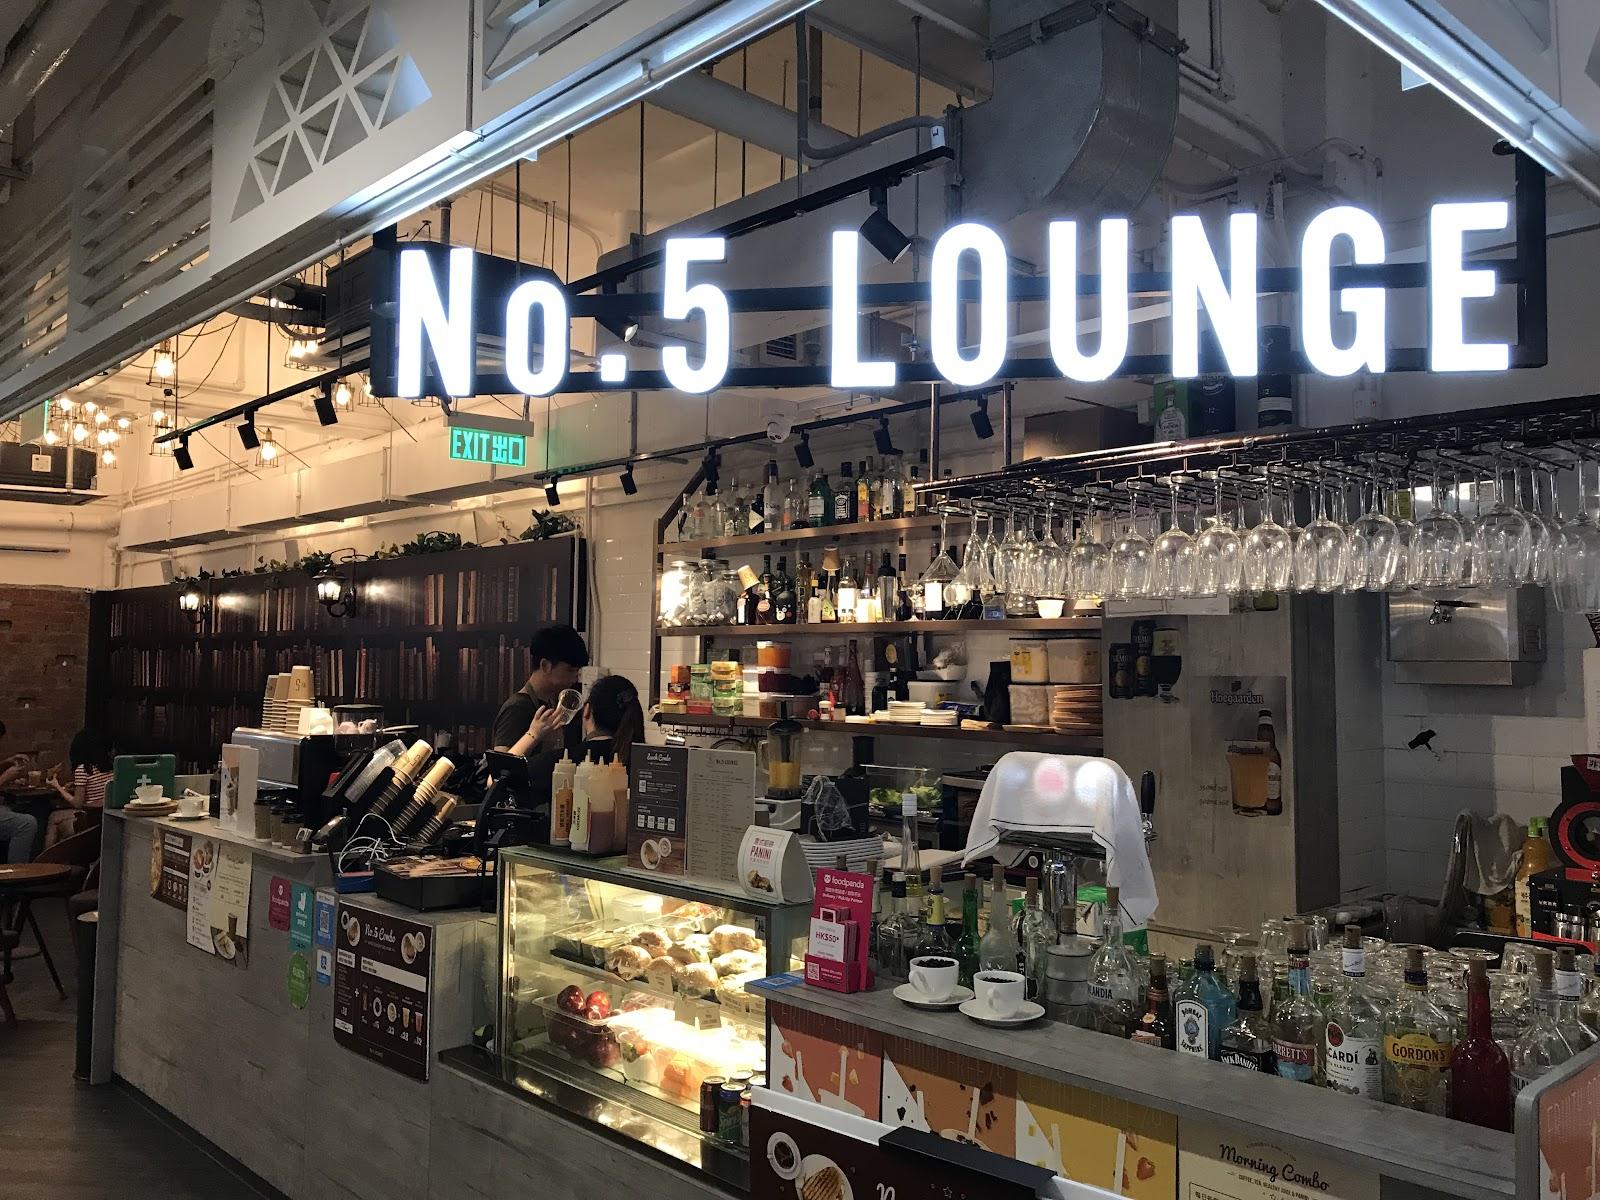 No.5 Lounge